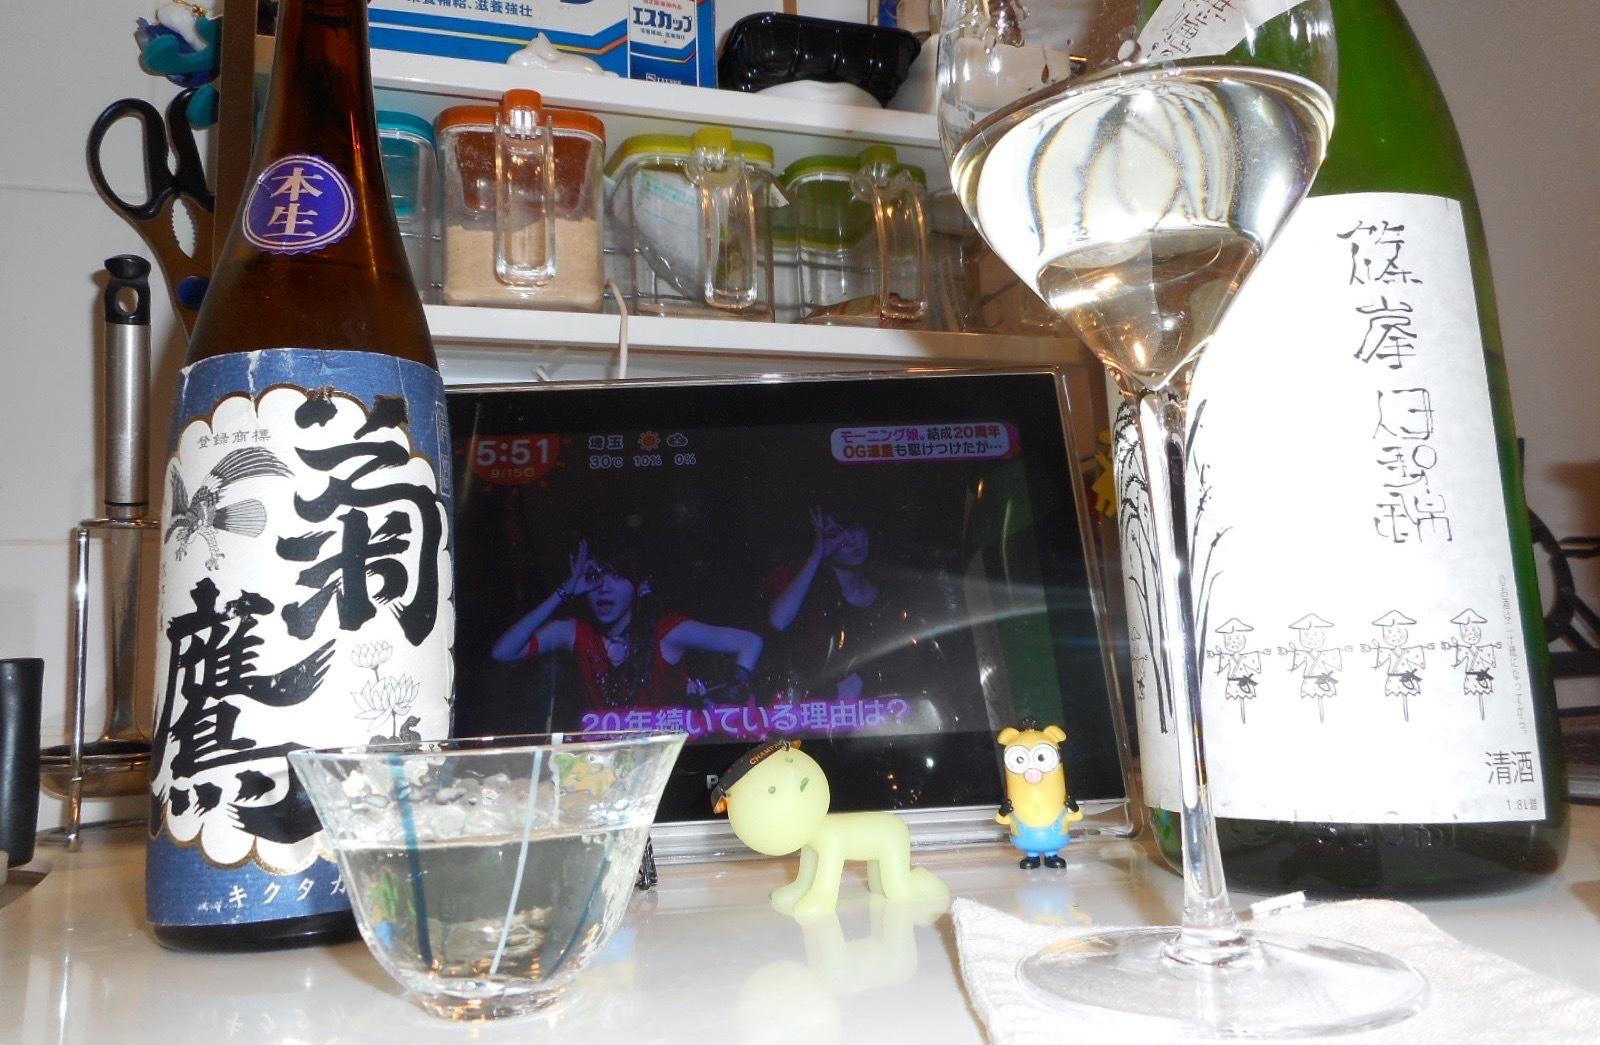 shinomine_isenishiki27by10.jpg